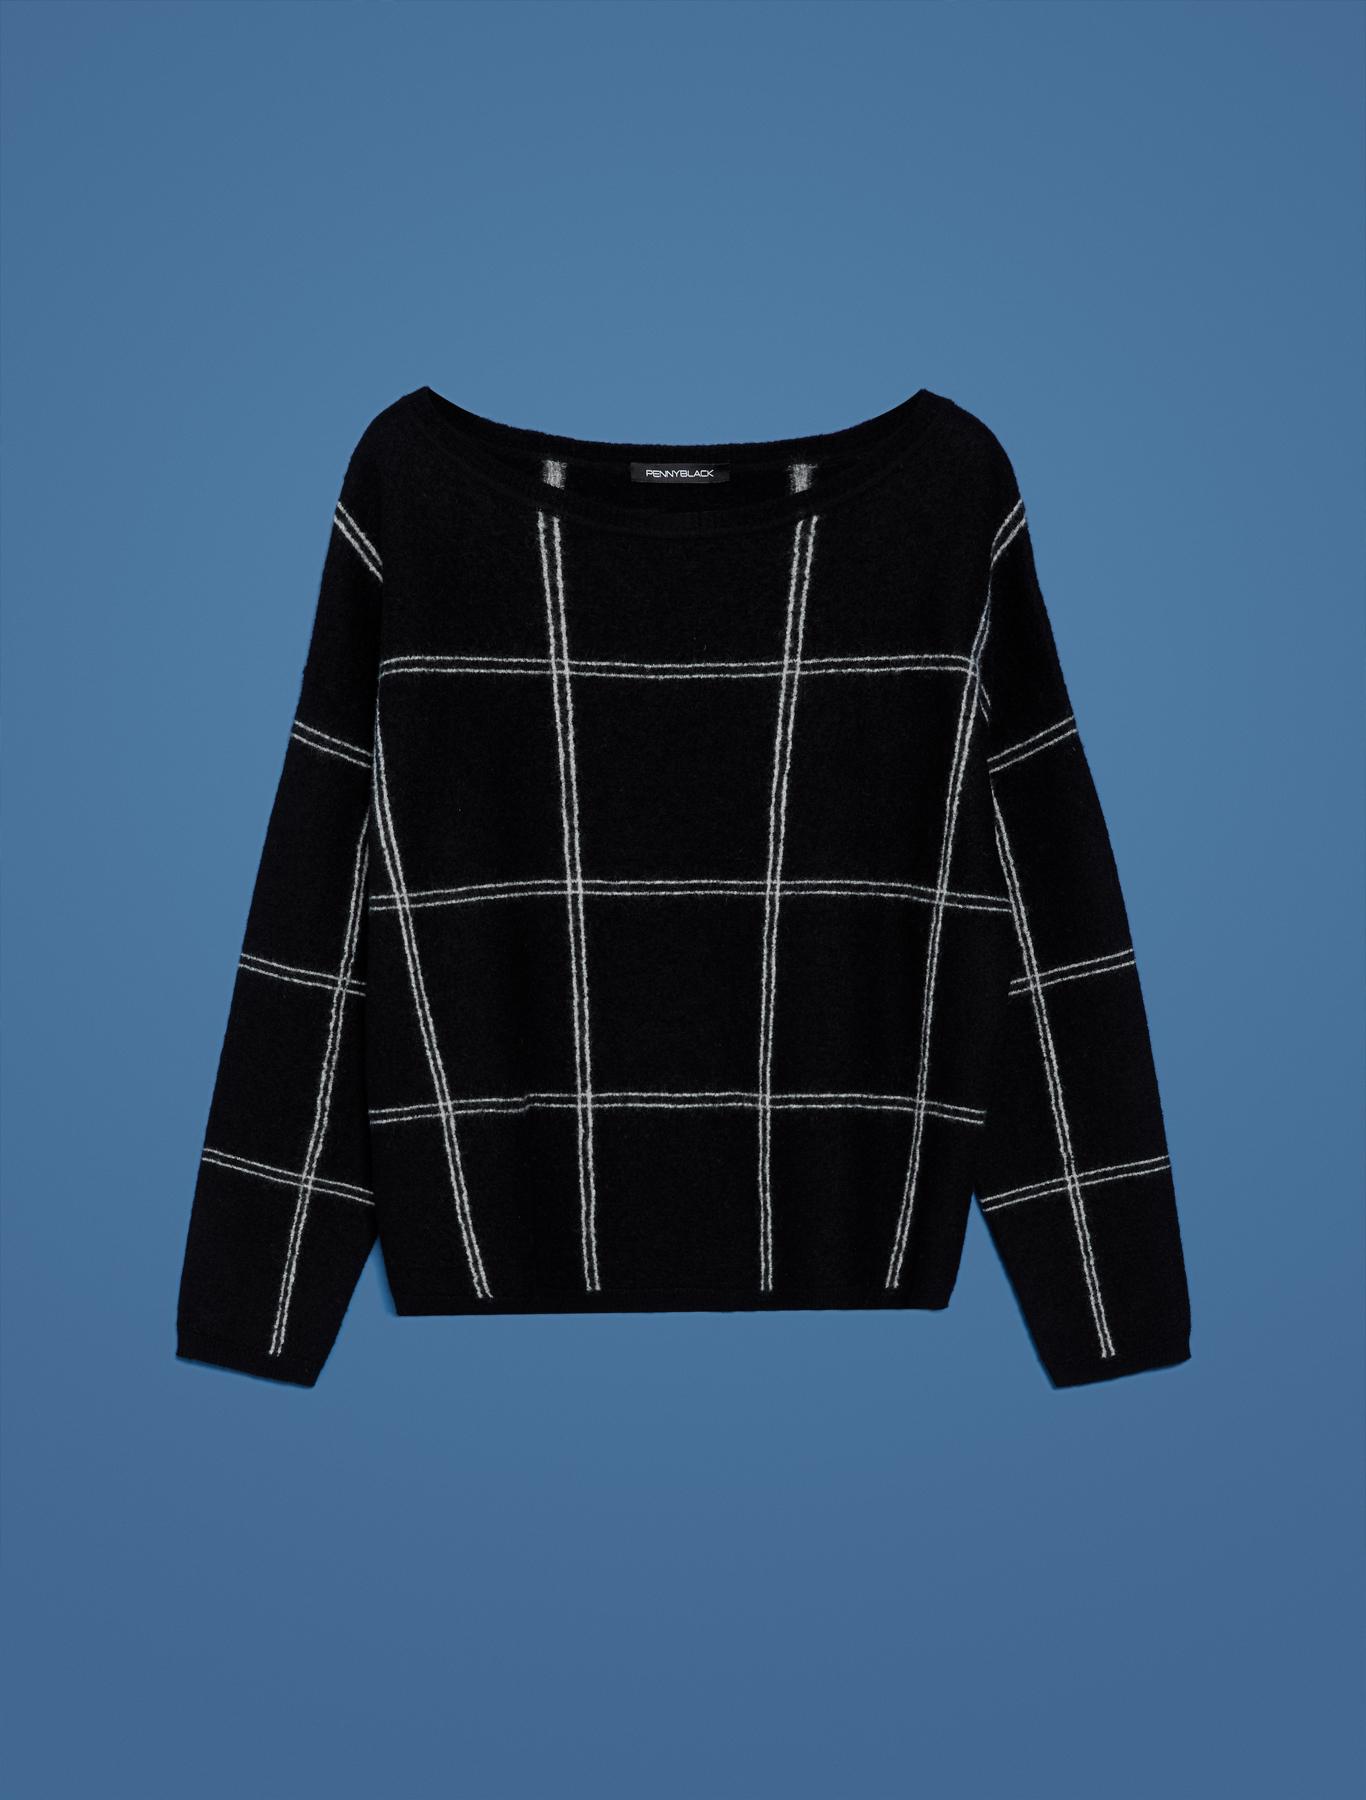 Maglia in lana cotta a riquadri - fantasia nero - pennyblack